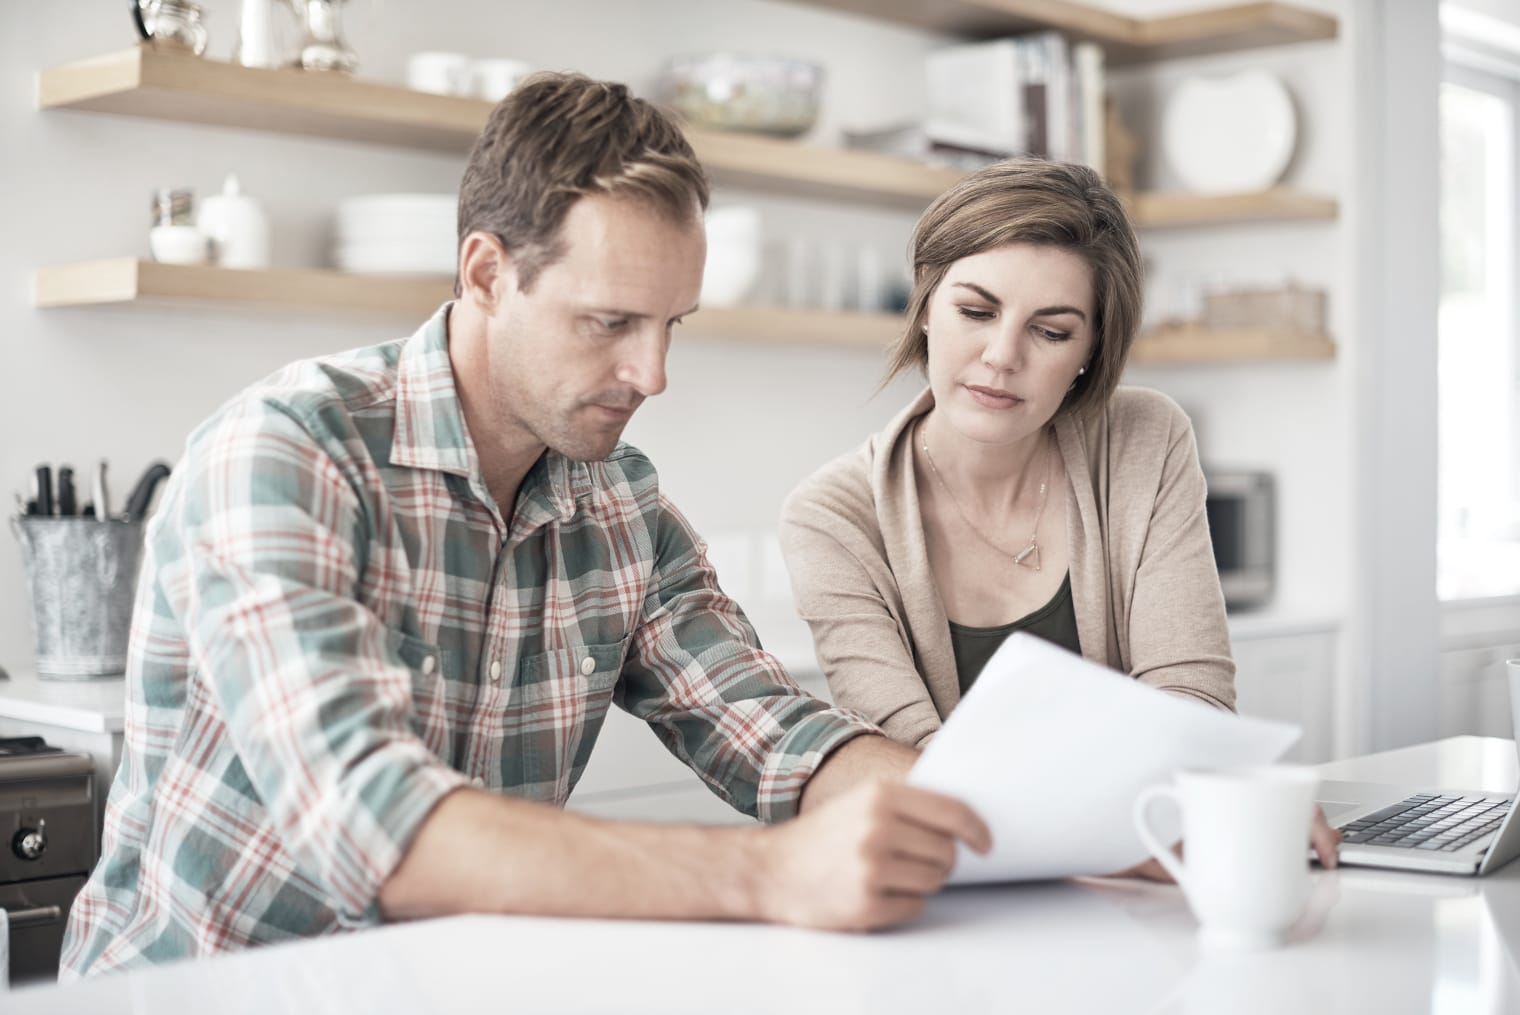 Ein Mann und eine Frau betrachten konzentriert Unterlagen, die der Mann in den Händen hält. Im Hintergrund sind Regale einer Küche zu sehen.